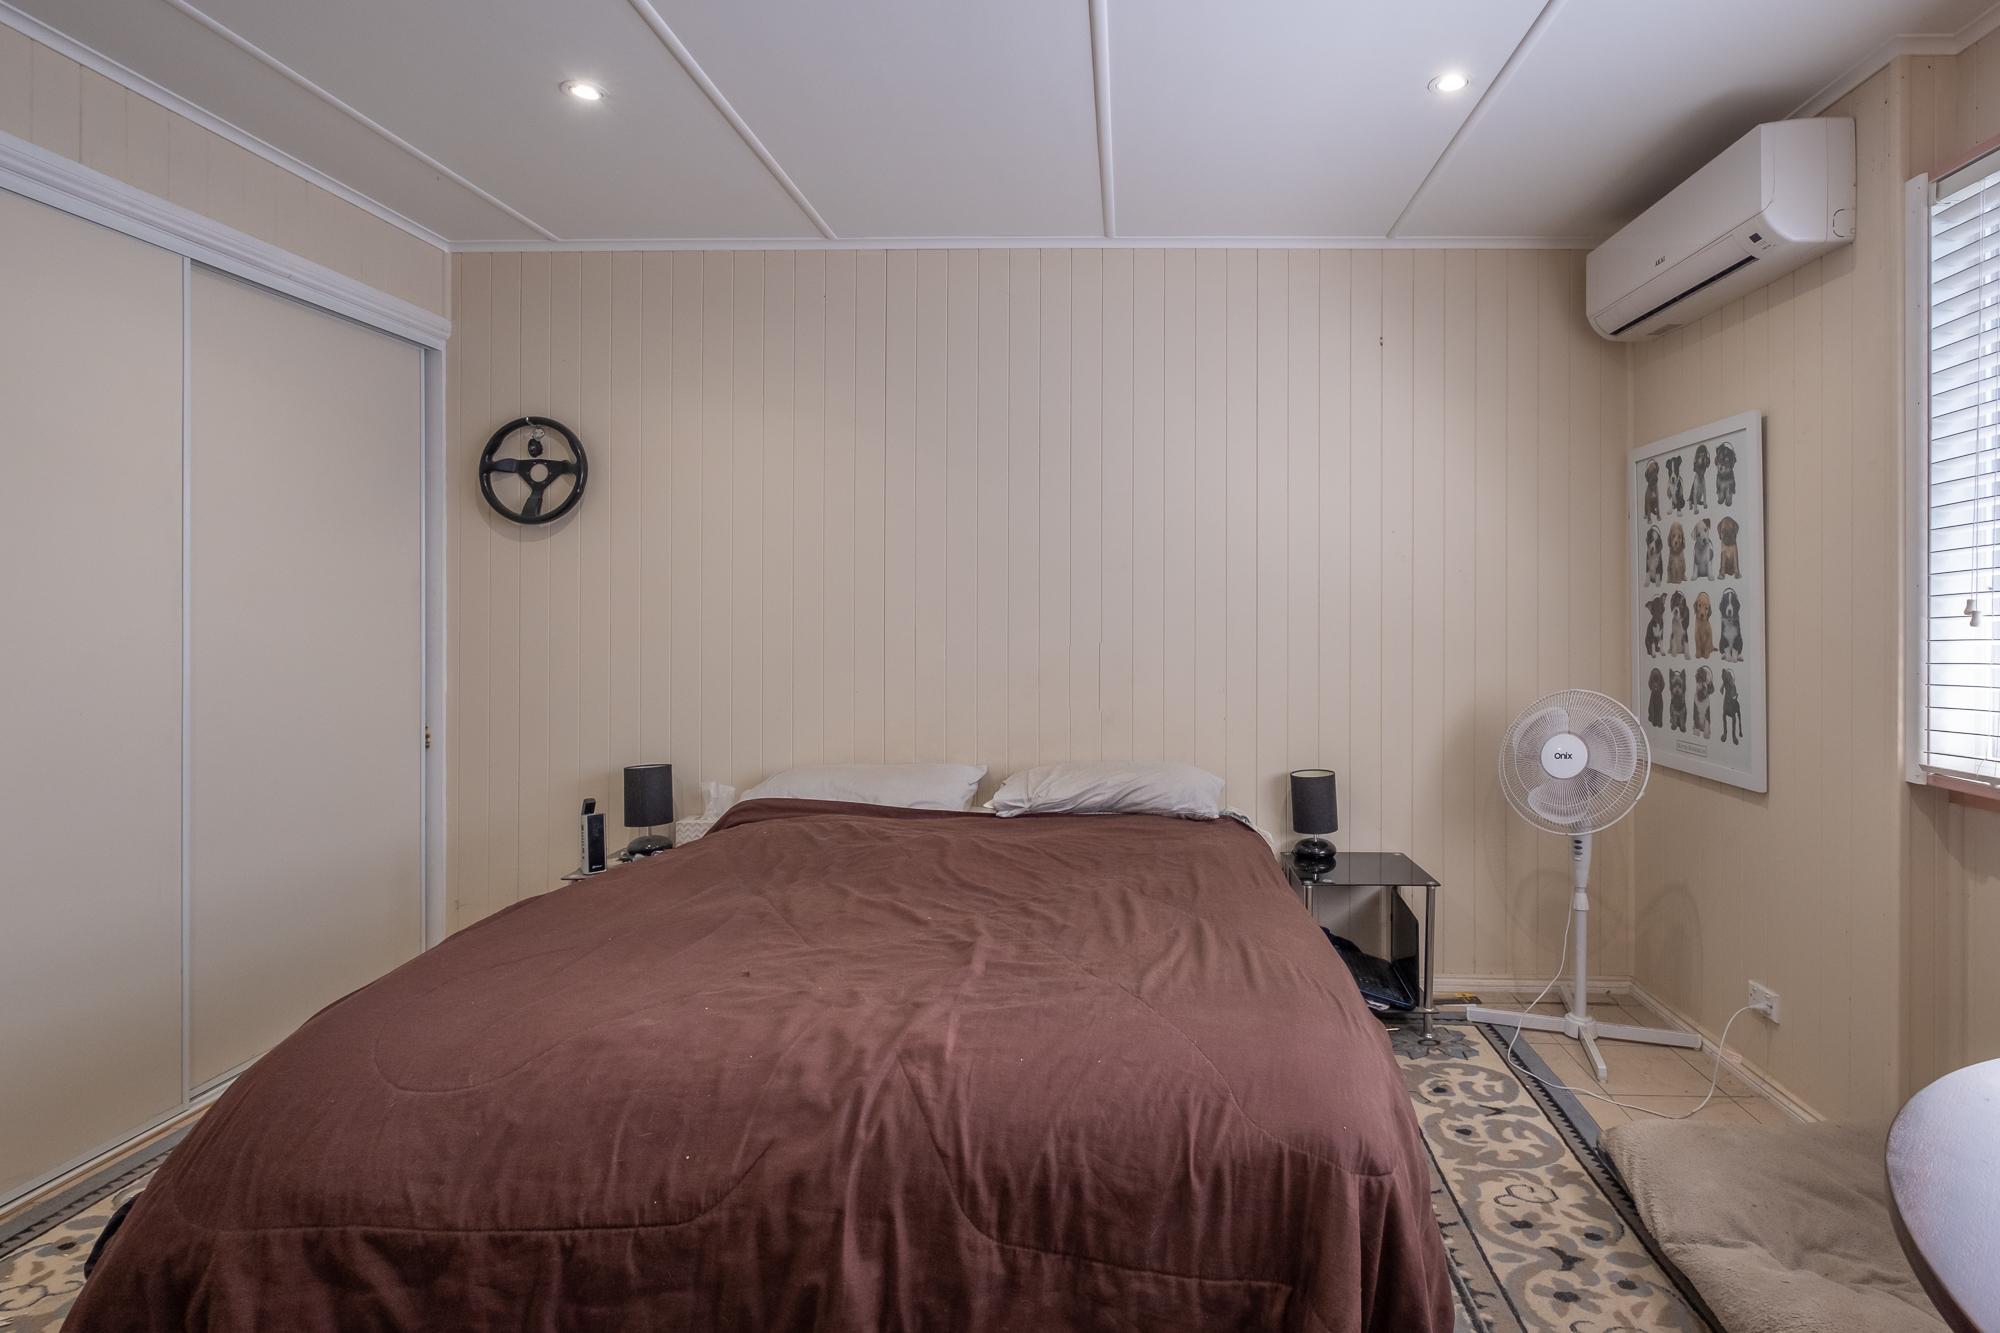 Bedroom (Granny flat)